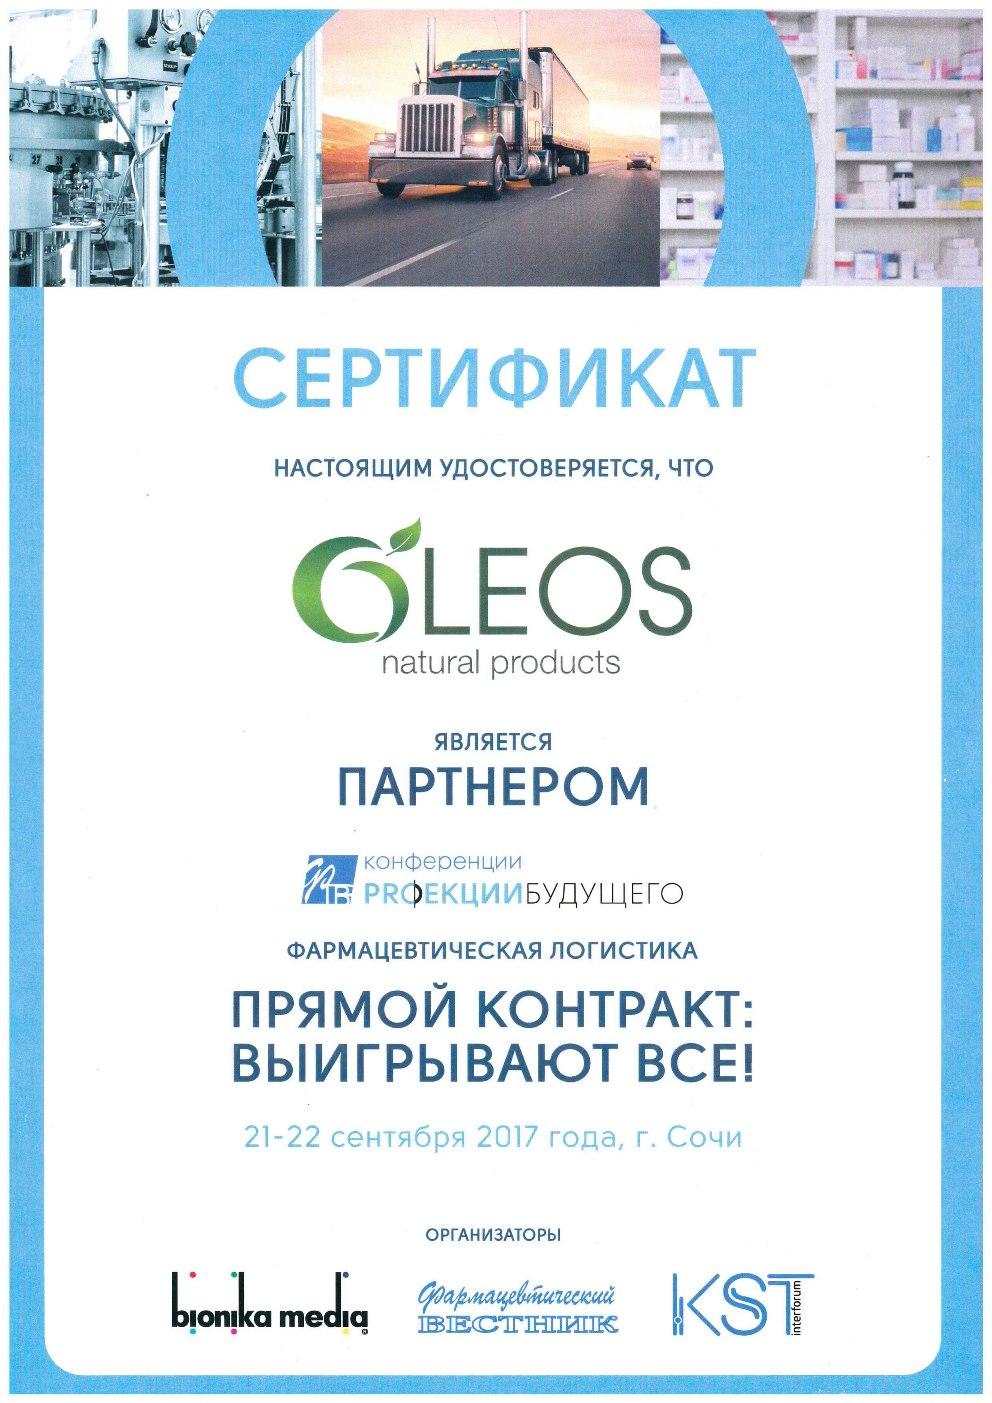 Сертификат партнера конференции «Прямой контракт: выигрывают все! Логистика, аптечные сети, производители»